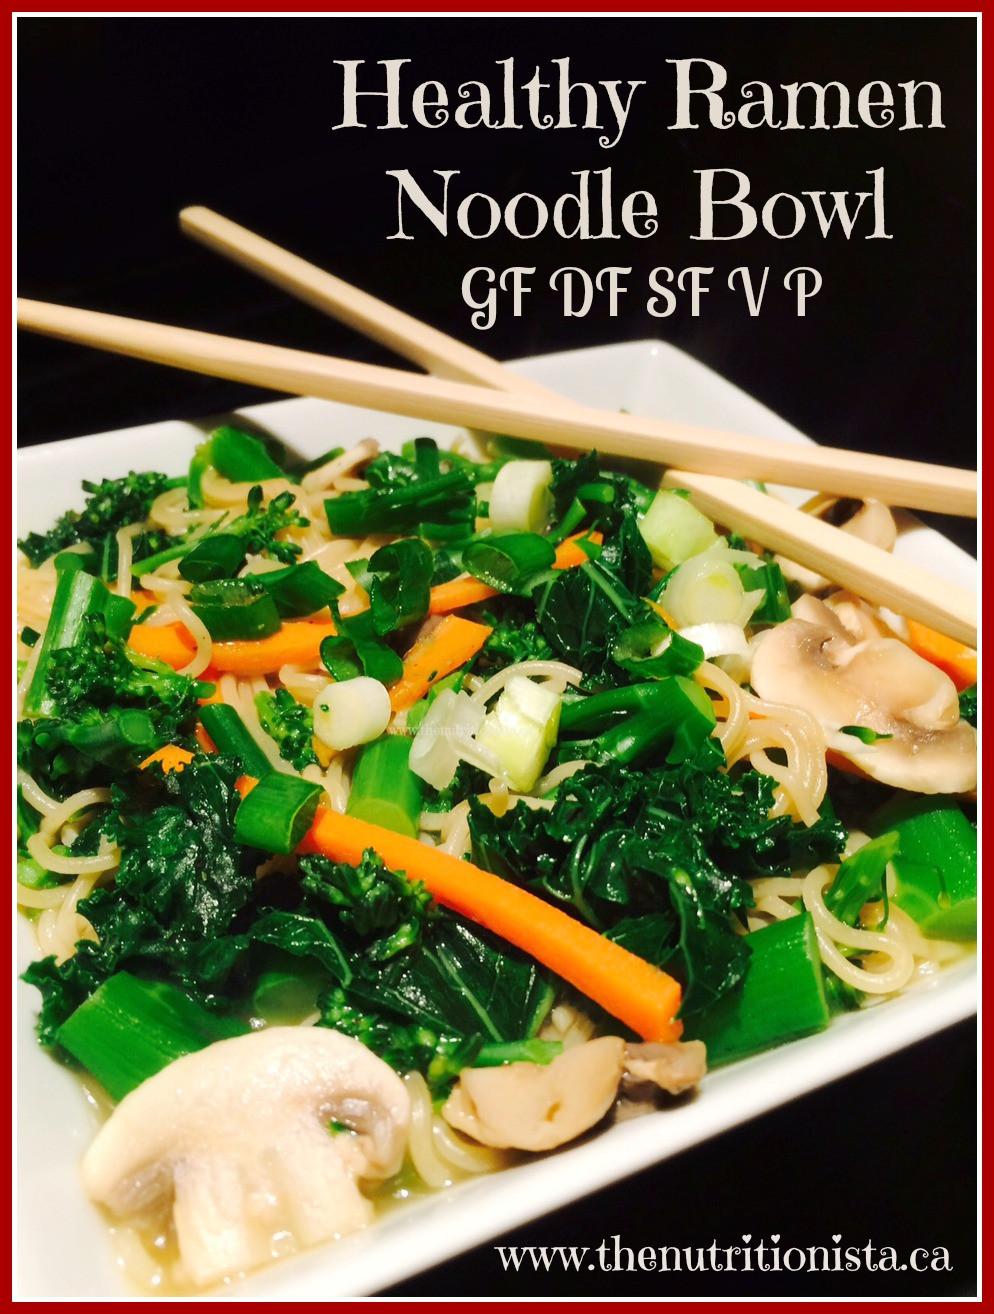 Raman Noodles Healthy  Healthy Ramen Noodle Bowl Nutritionista